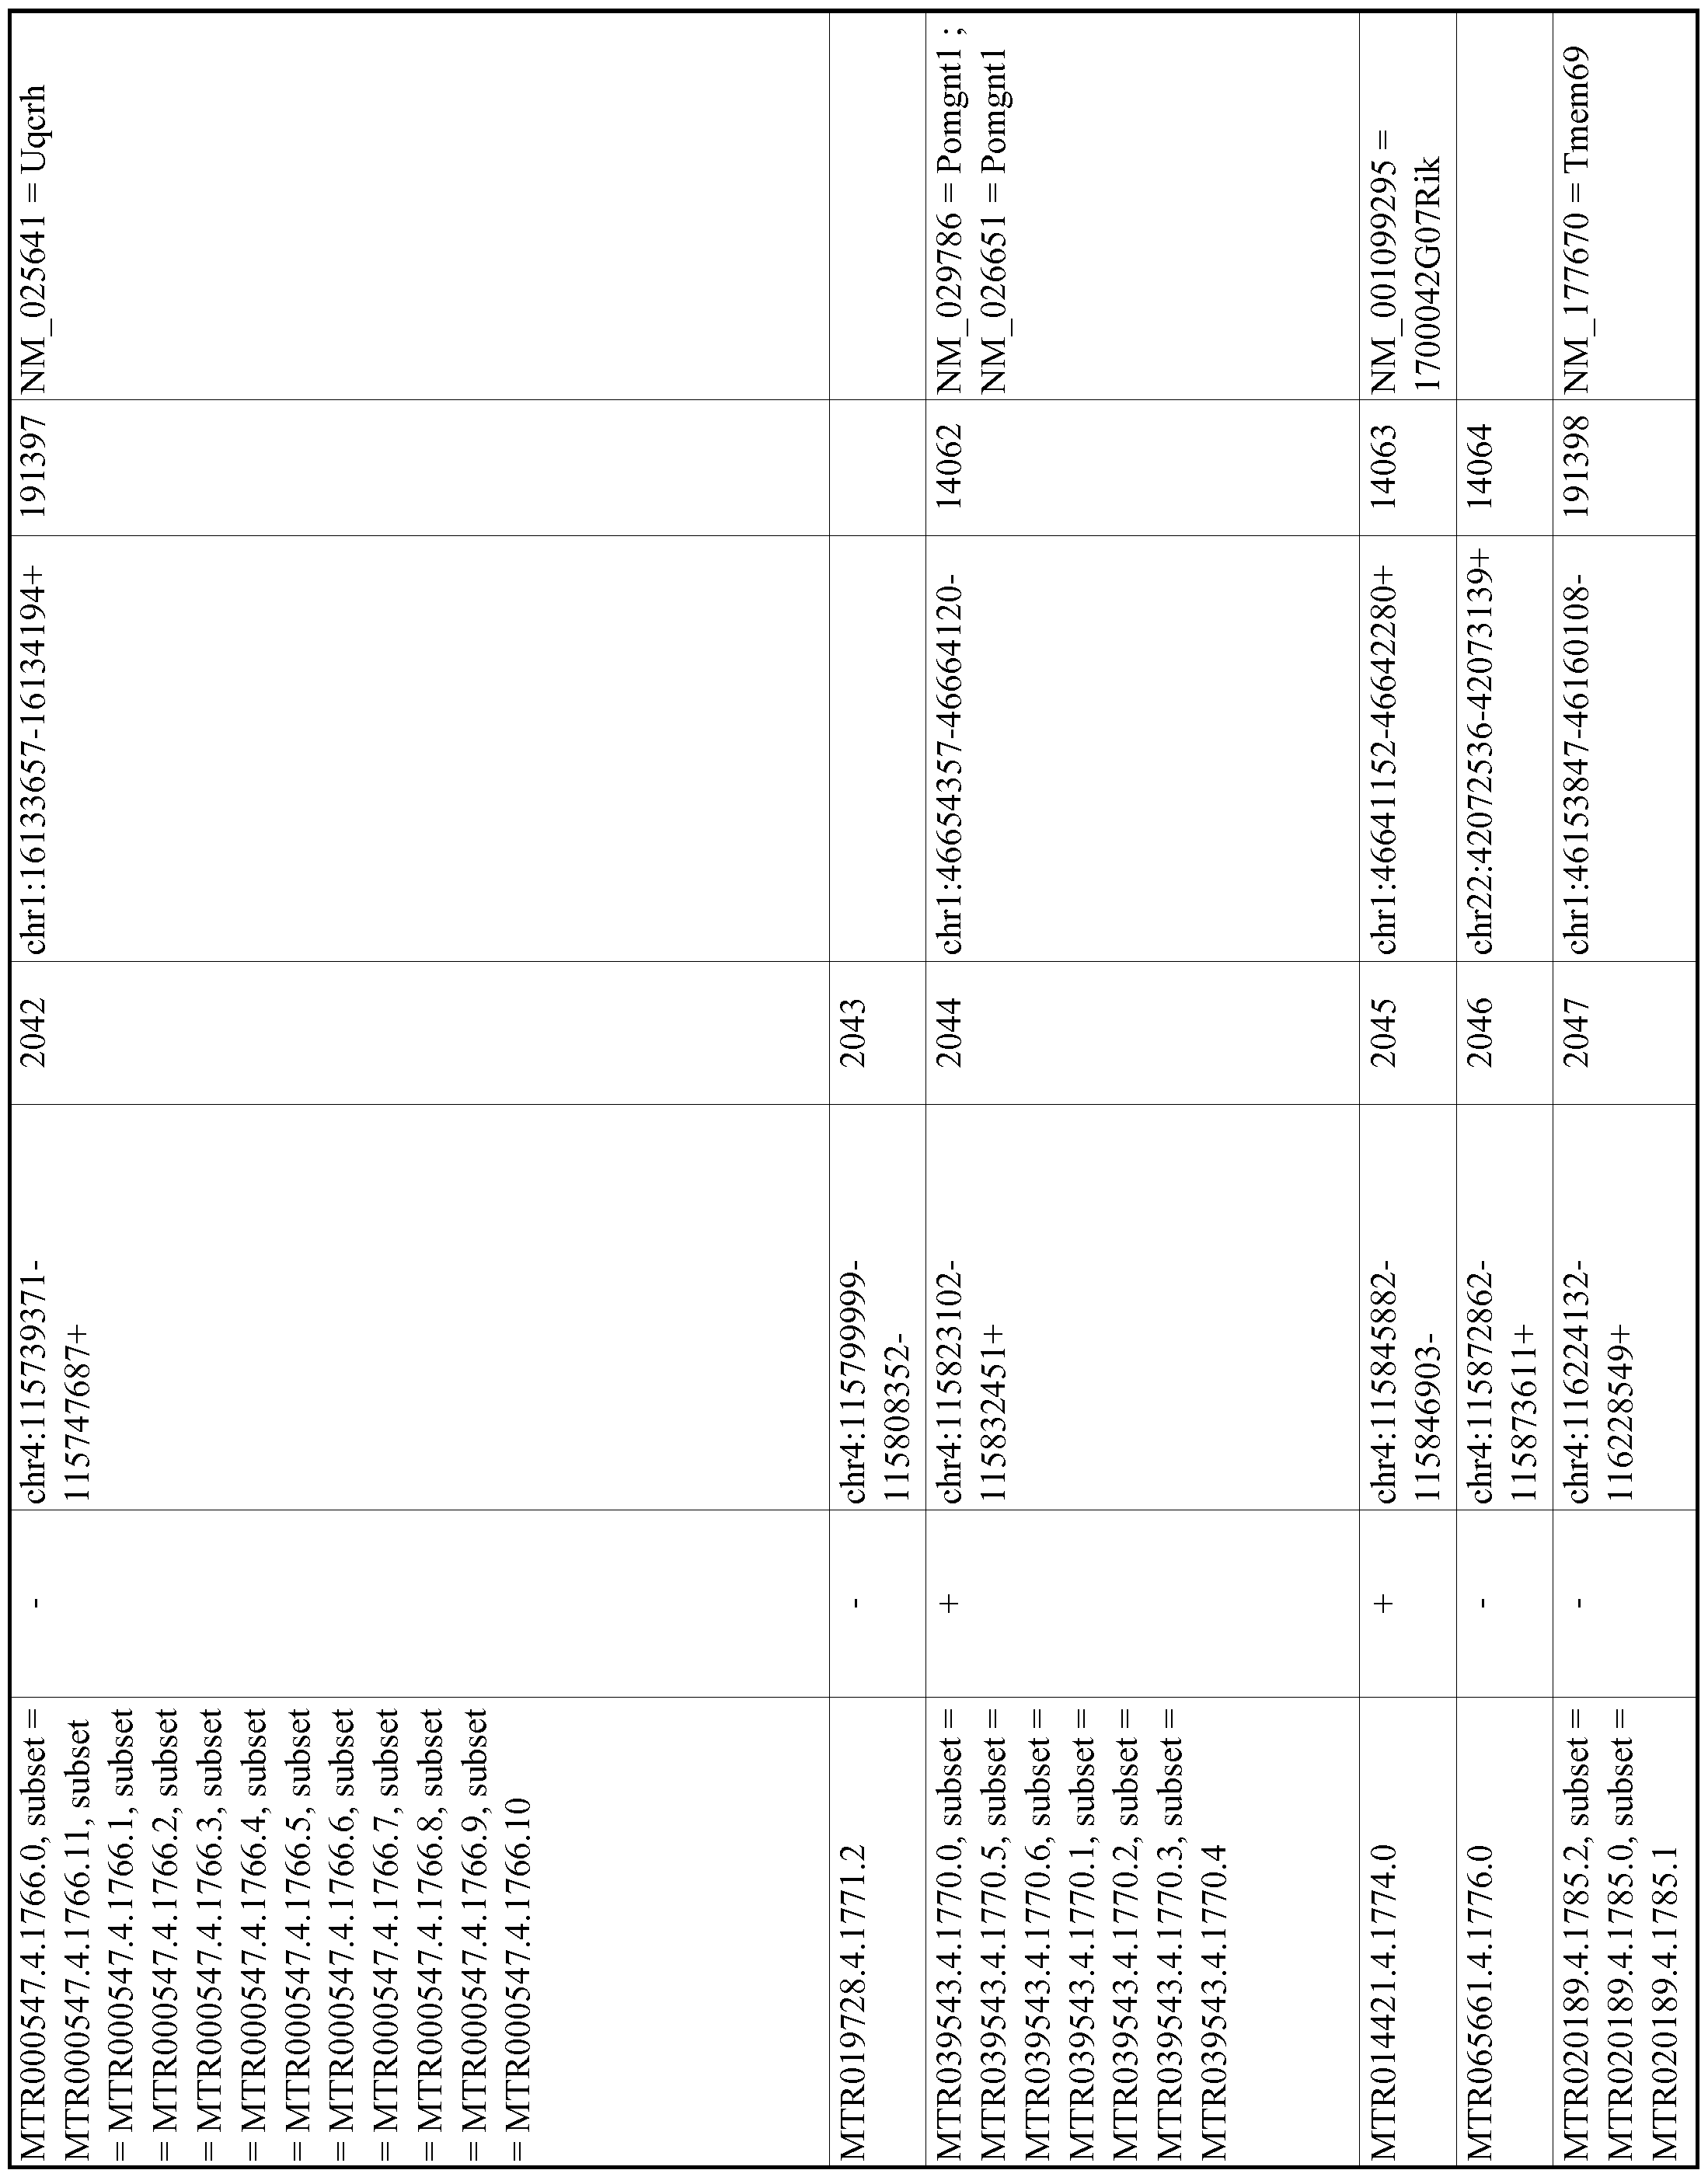 Figure imgf000471_0001